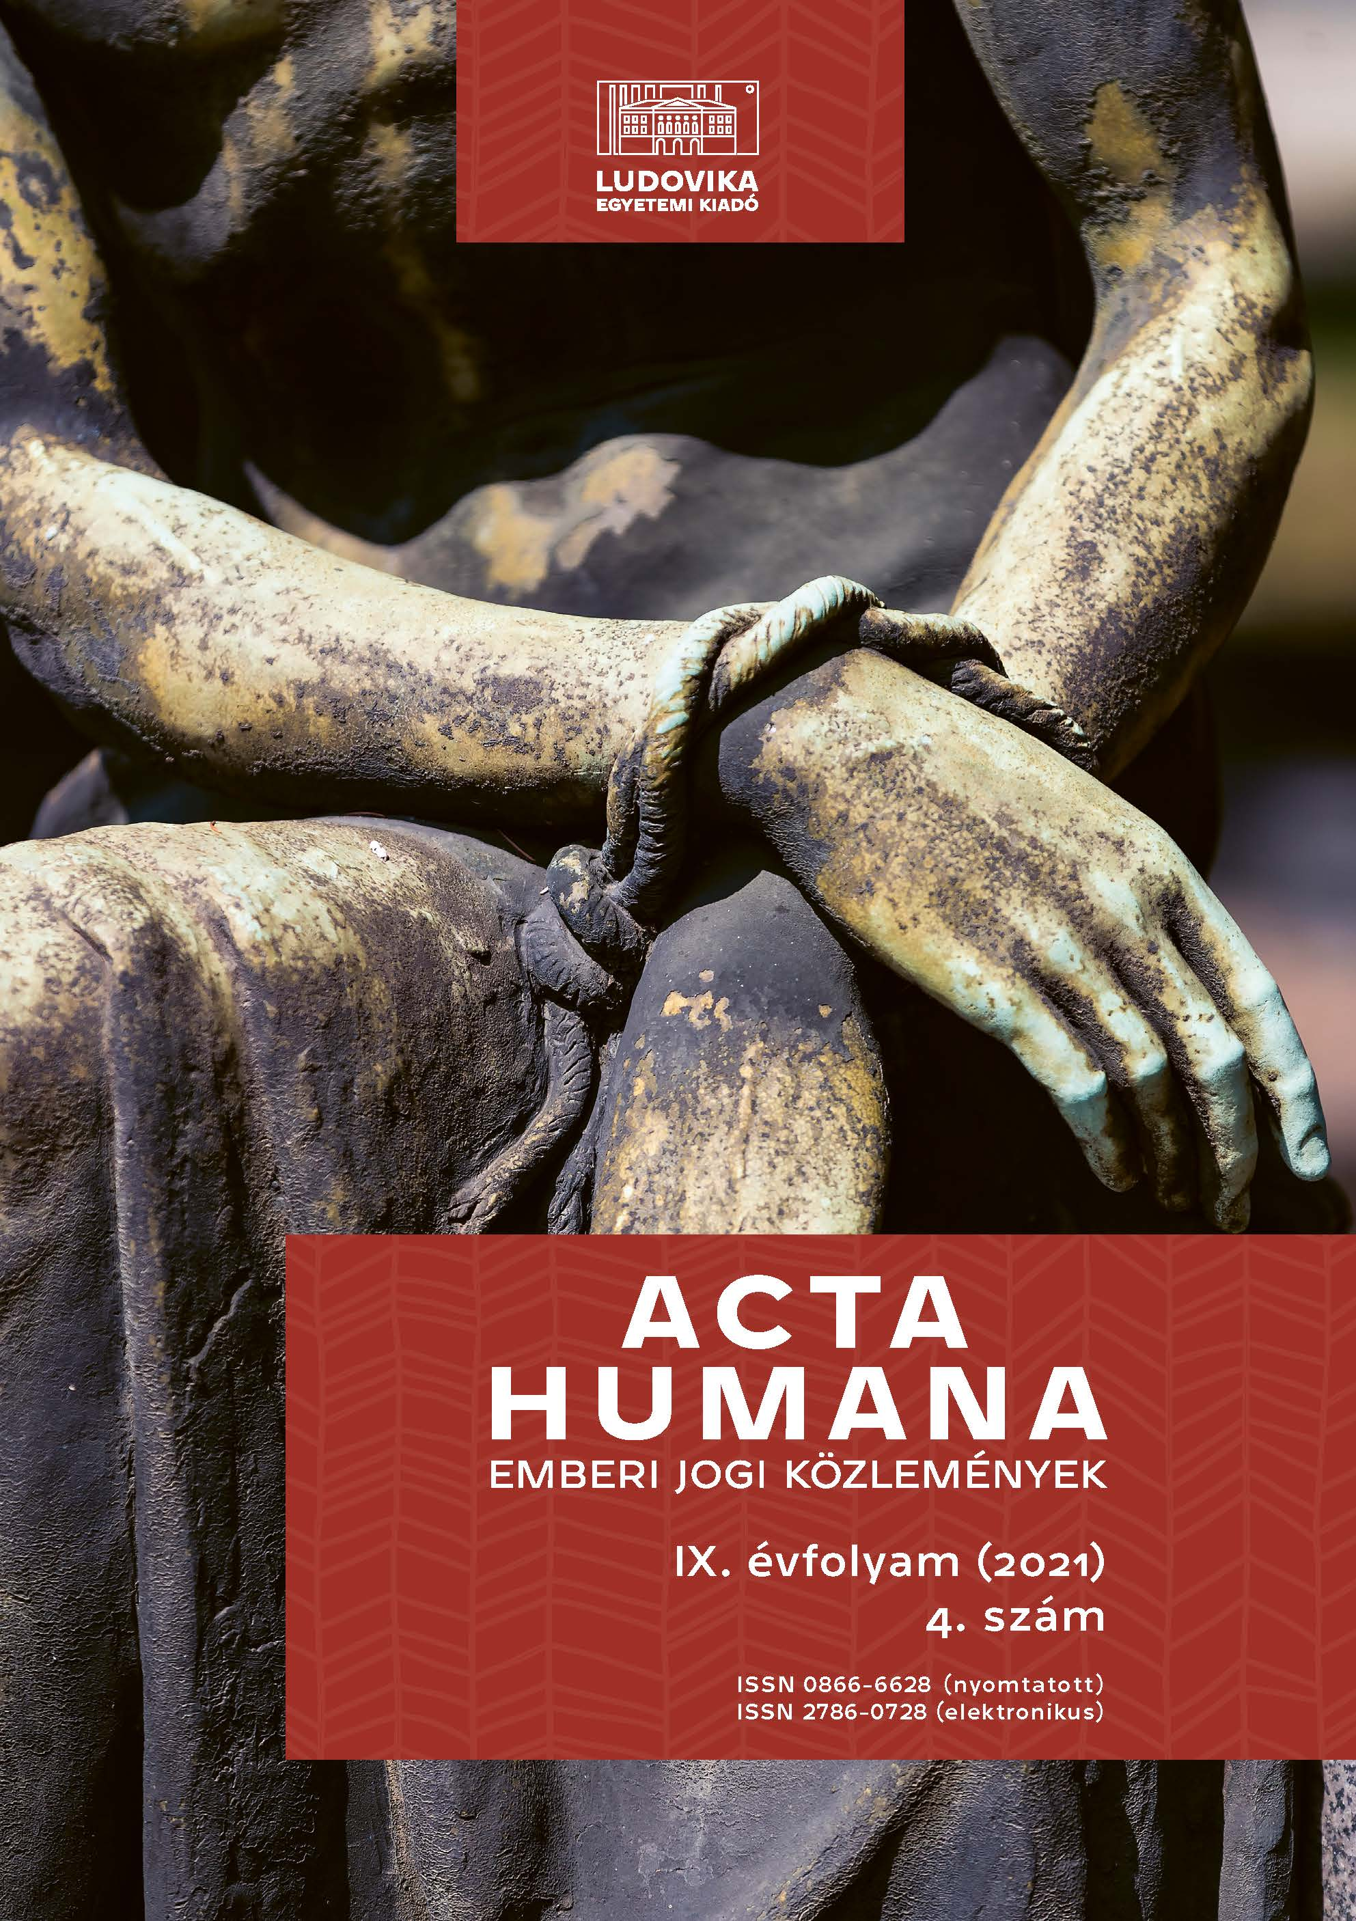 Acta Humana